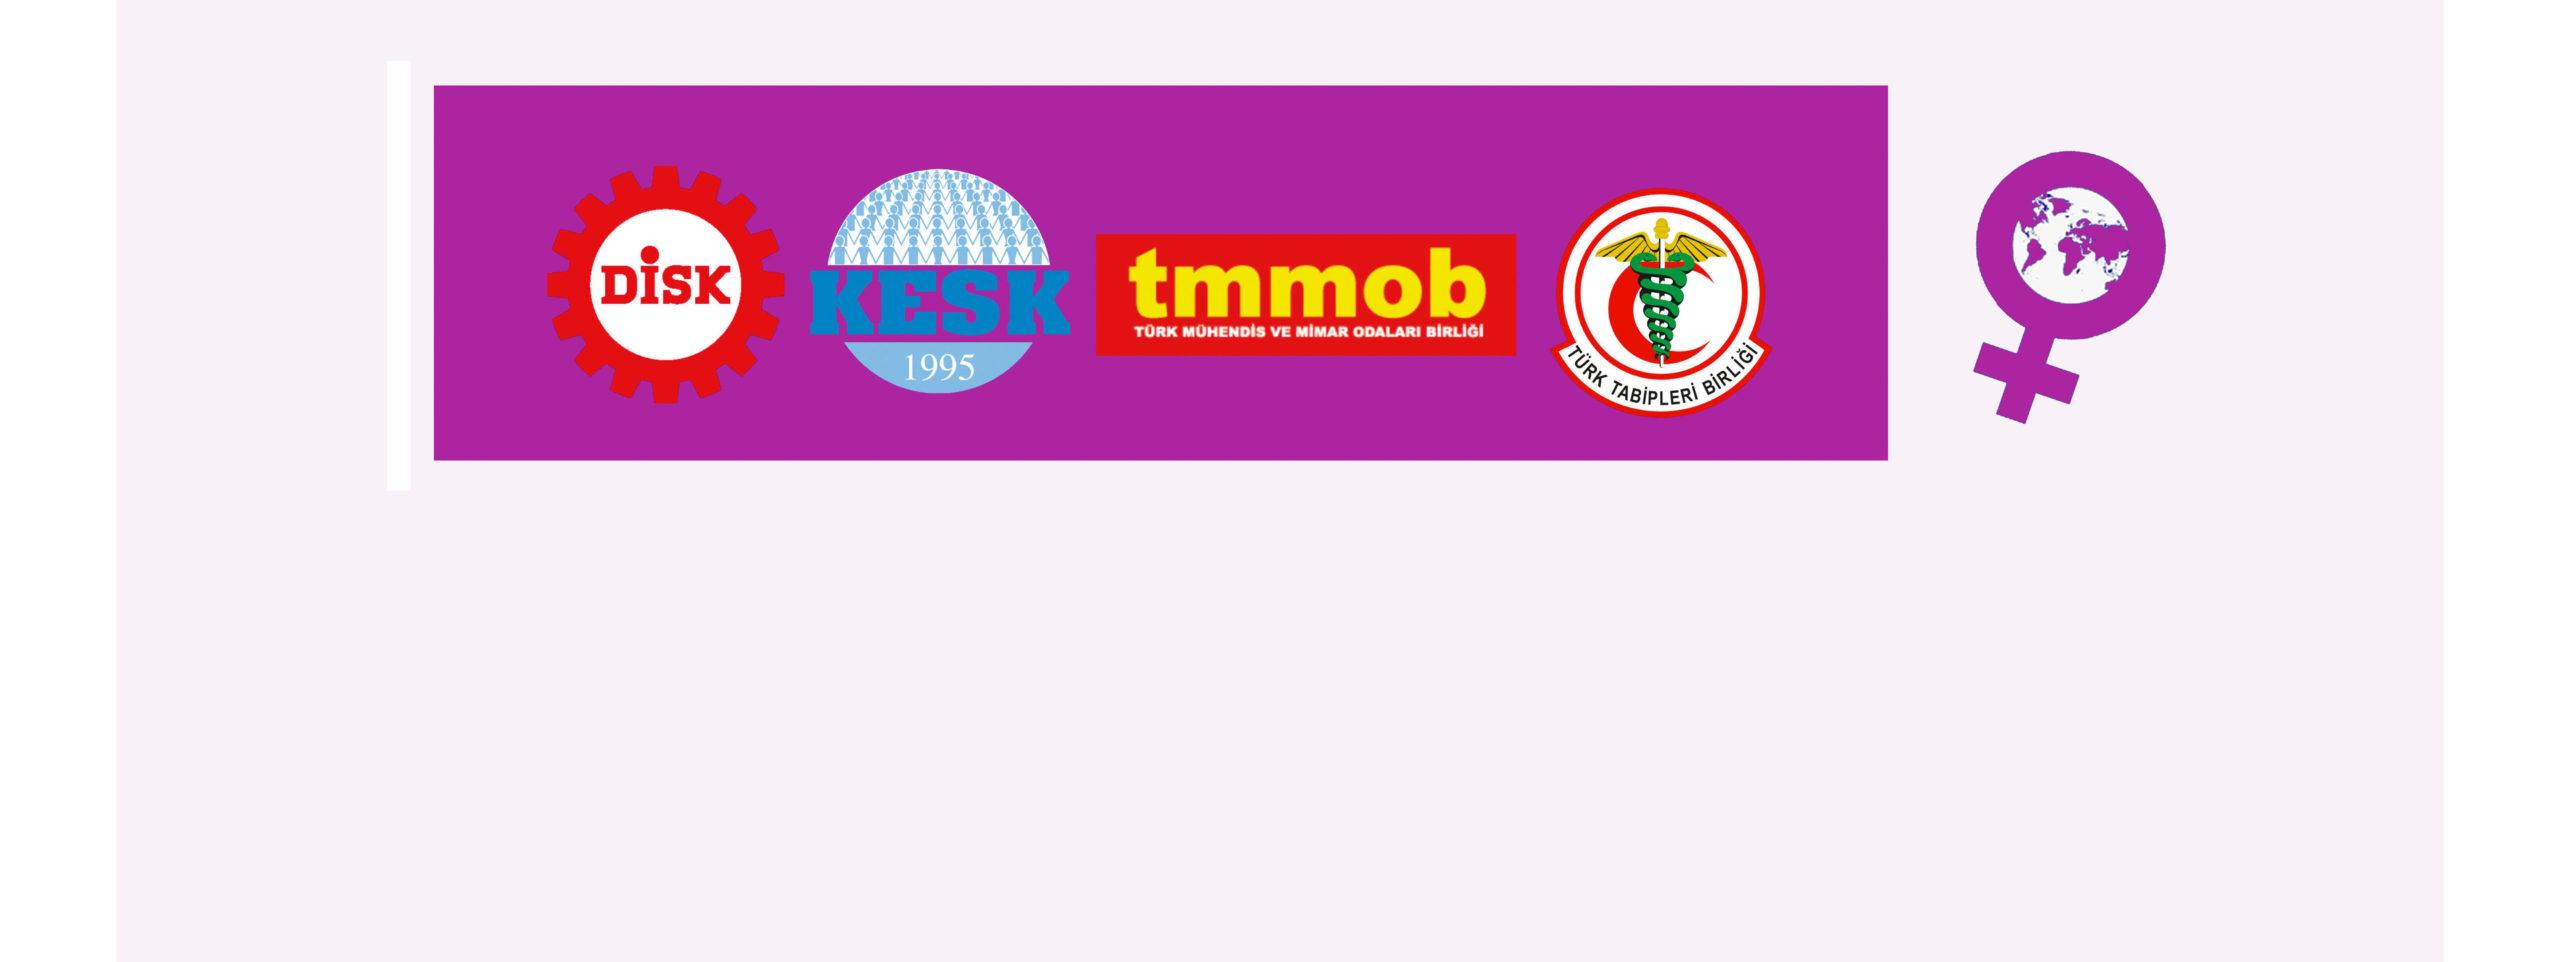 DİSK, KESK, TMMOB ve TTB Kadın Temsilcileri: Çocuk Hakları Sözleşmesi'nin Uygulanması Devletin ve Toplumun Sorumluluğudur! Çocuk Hakkı İhlalleri Son Bulsun!